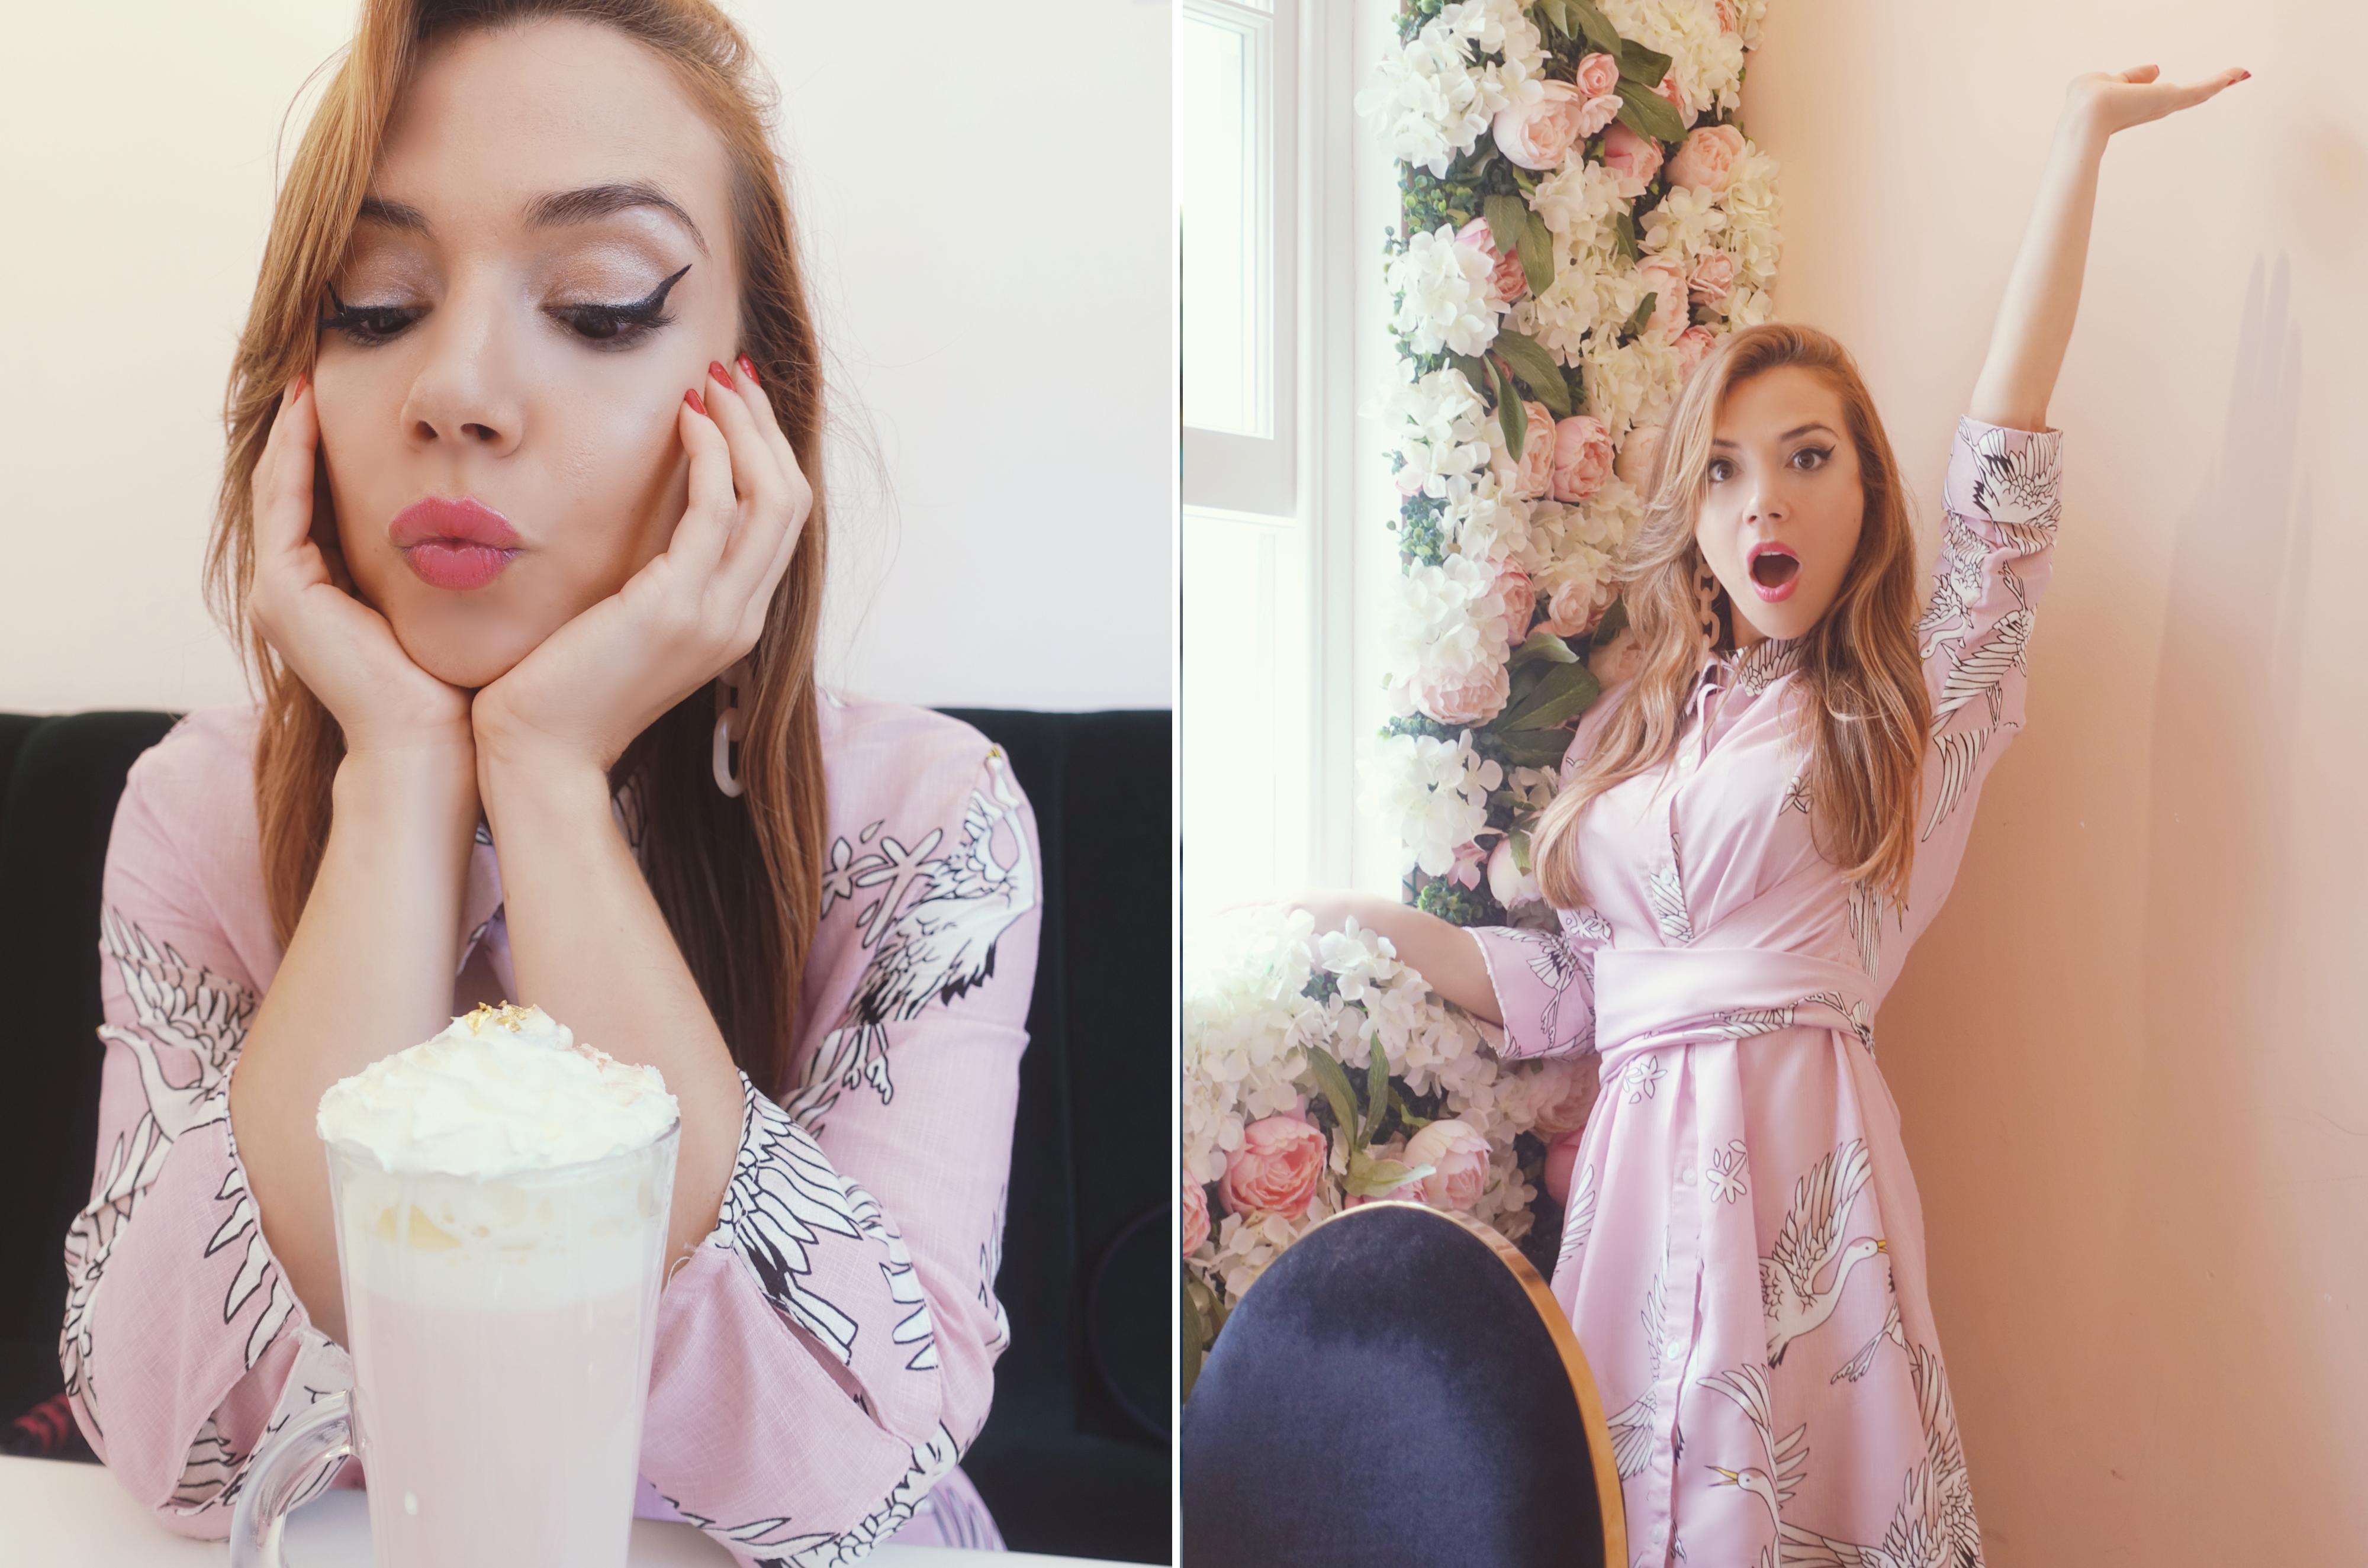 London-cafe-saint-aymes-vestido-smile-ChicAdicta-blog-de-moda-PiensaenChic-influencer-fancy-look-Chic-adicta-travel-blogger-Piensa-en-Chic